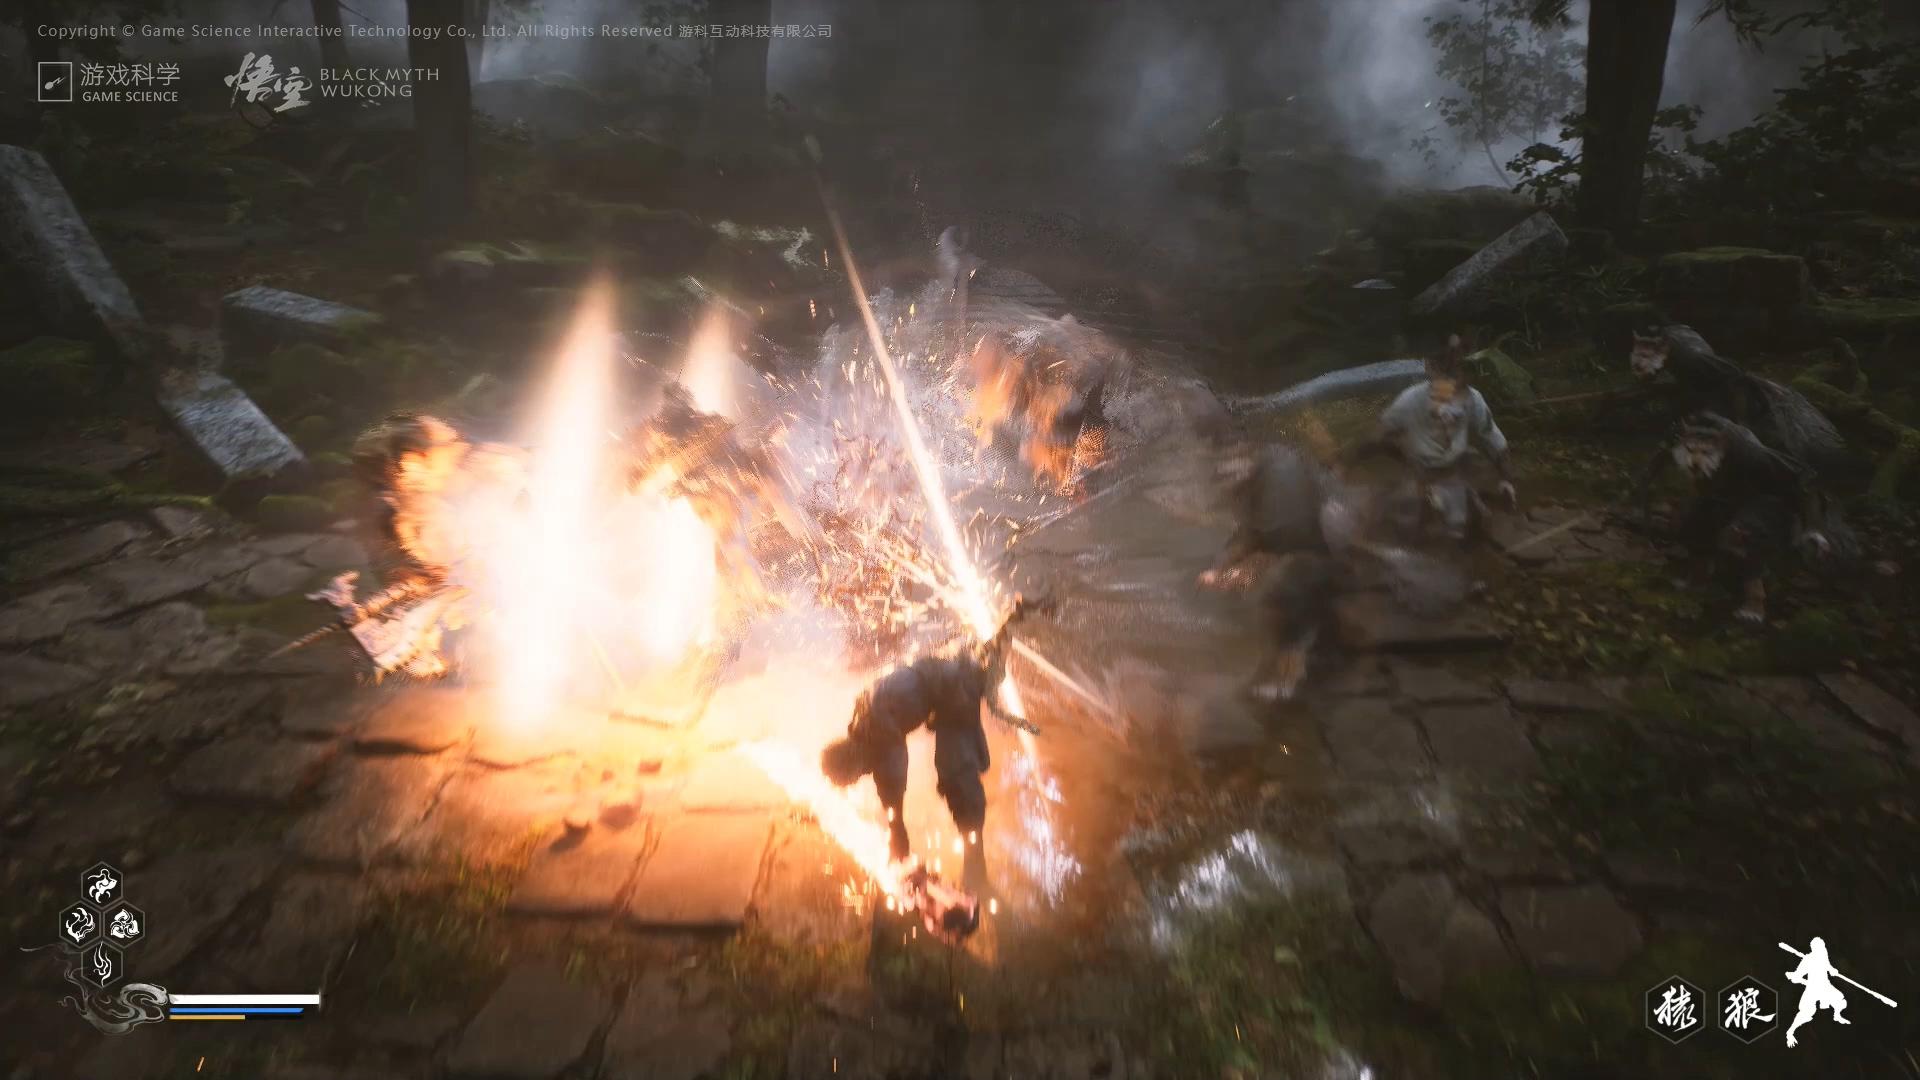 Black Myth: Wu Kong annunciato per Console e PC 6